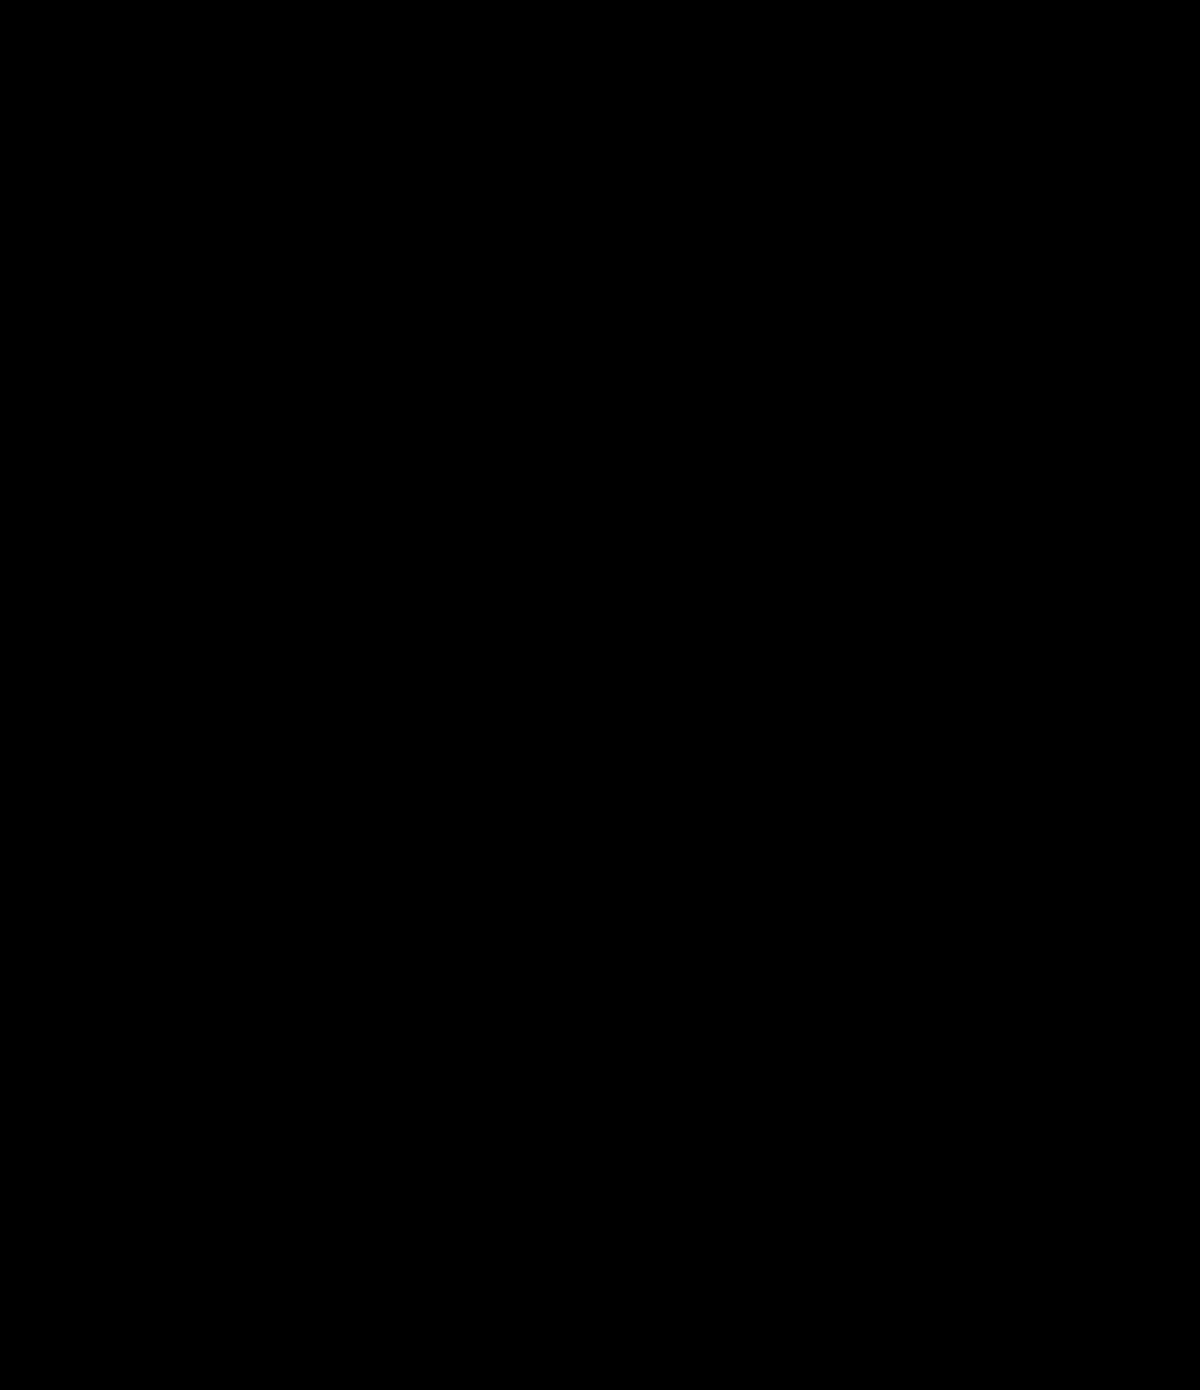 CASQUILLO CRISTAL FRONTAL CURVO TAKEUCHI TB1140